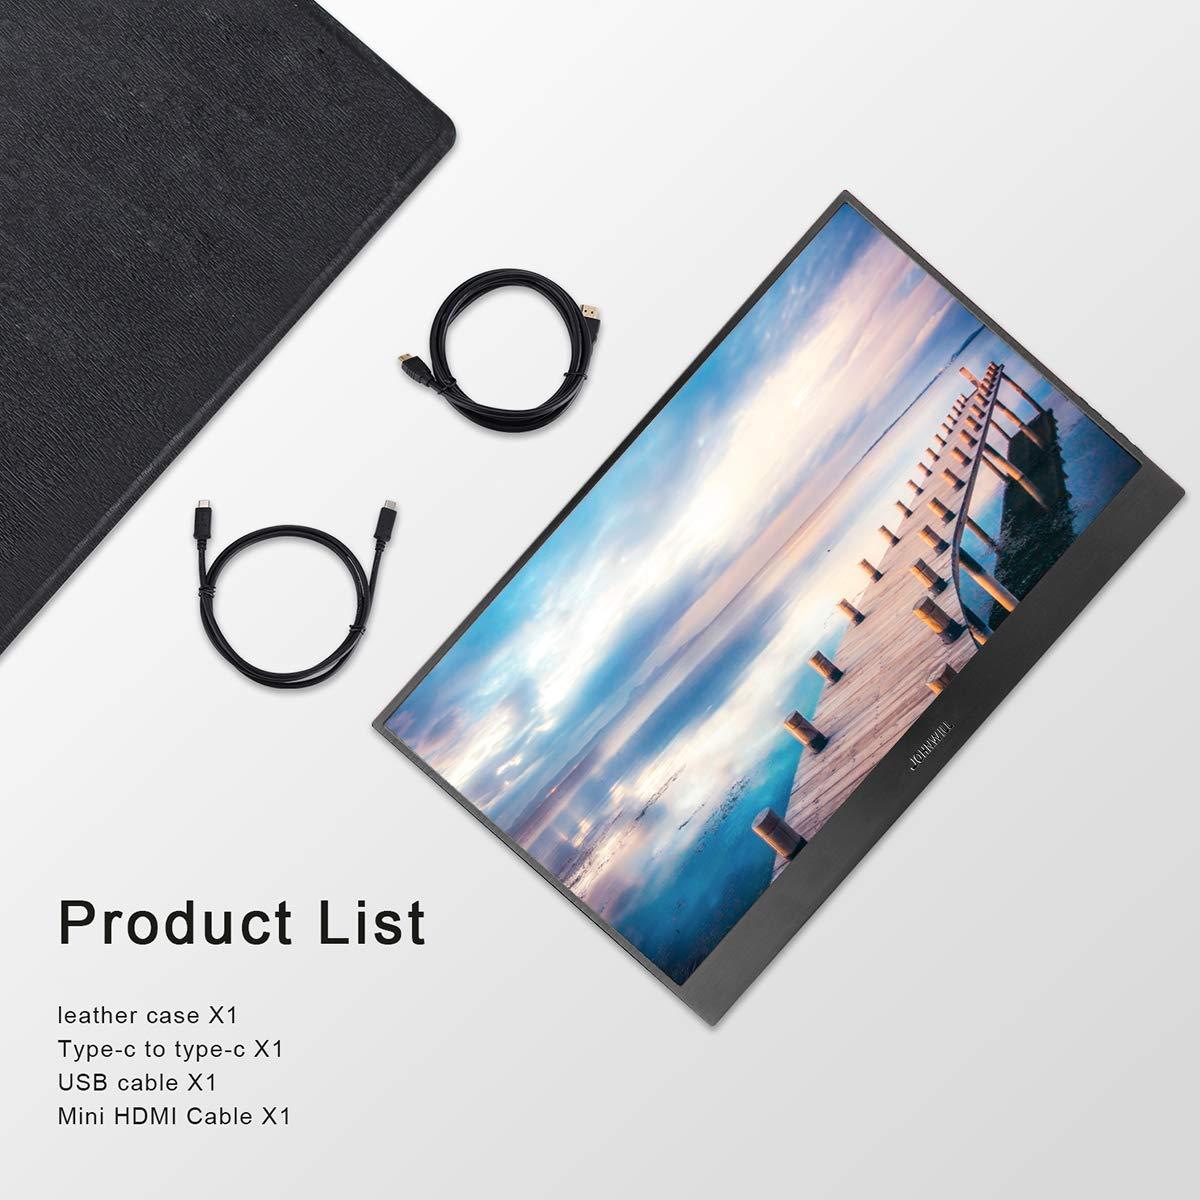 JOHNWILL Tipo C Monitor portatile Due interfacce USB Ultra HD 2560 x 1600 IPS Display LCD//LED Ultra HD HDMI//Due tipo C 10,1 pollici USB C Monitor per videogiochi Enclosure metallo nero